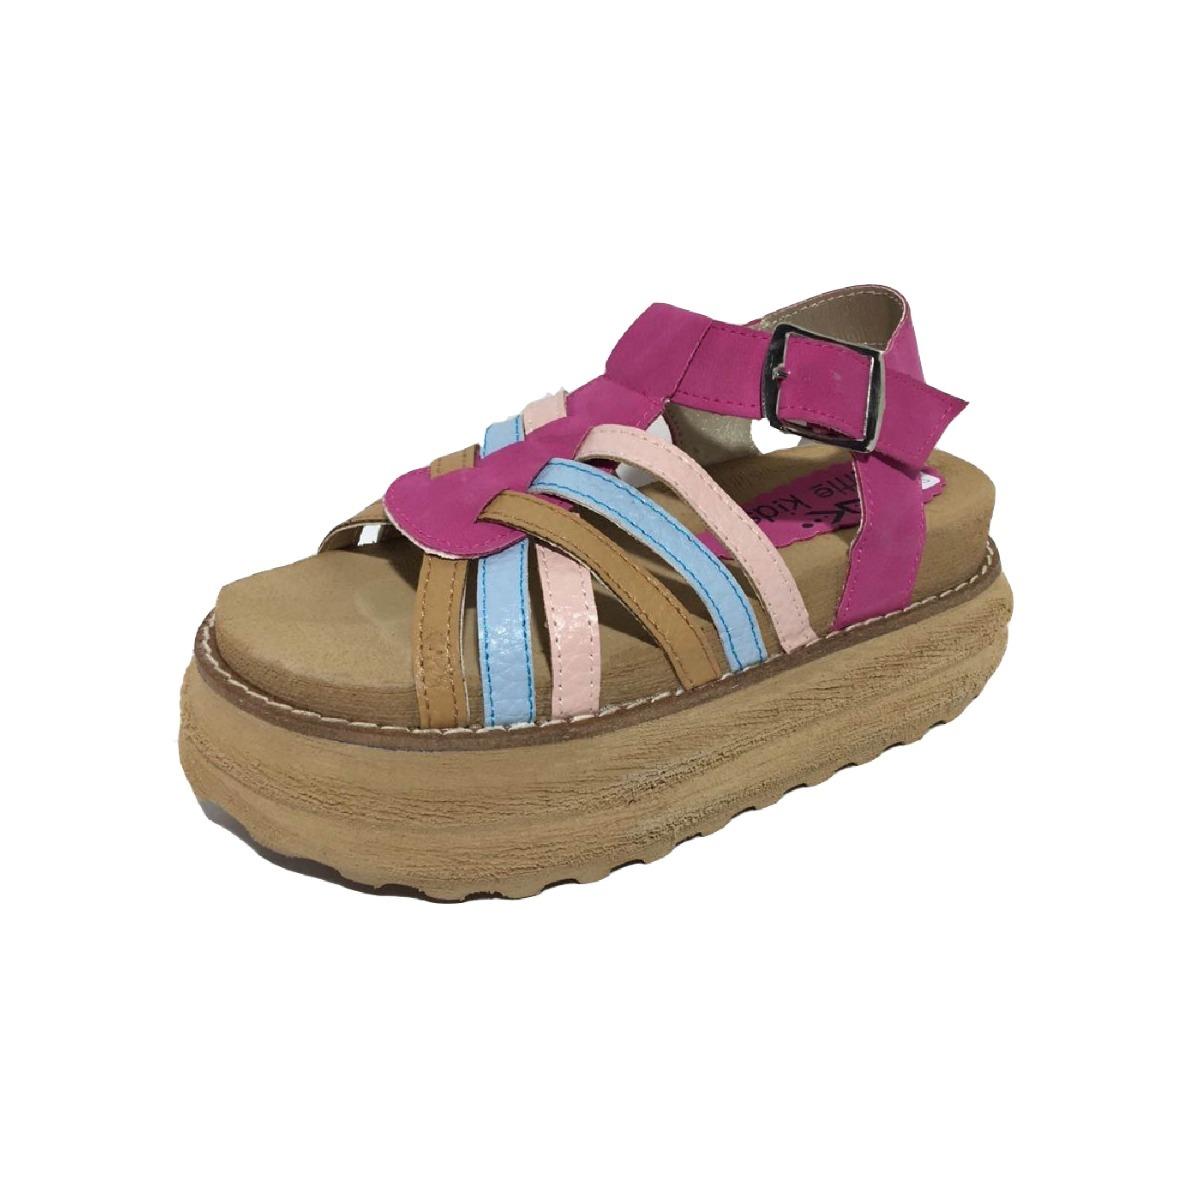 8b1f14596f86e sandalias nenas tiras colores verano littlekids. Cargando zoom.